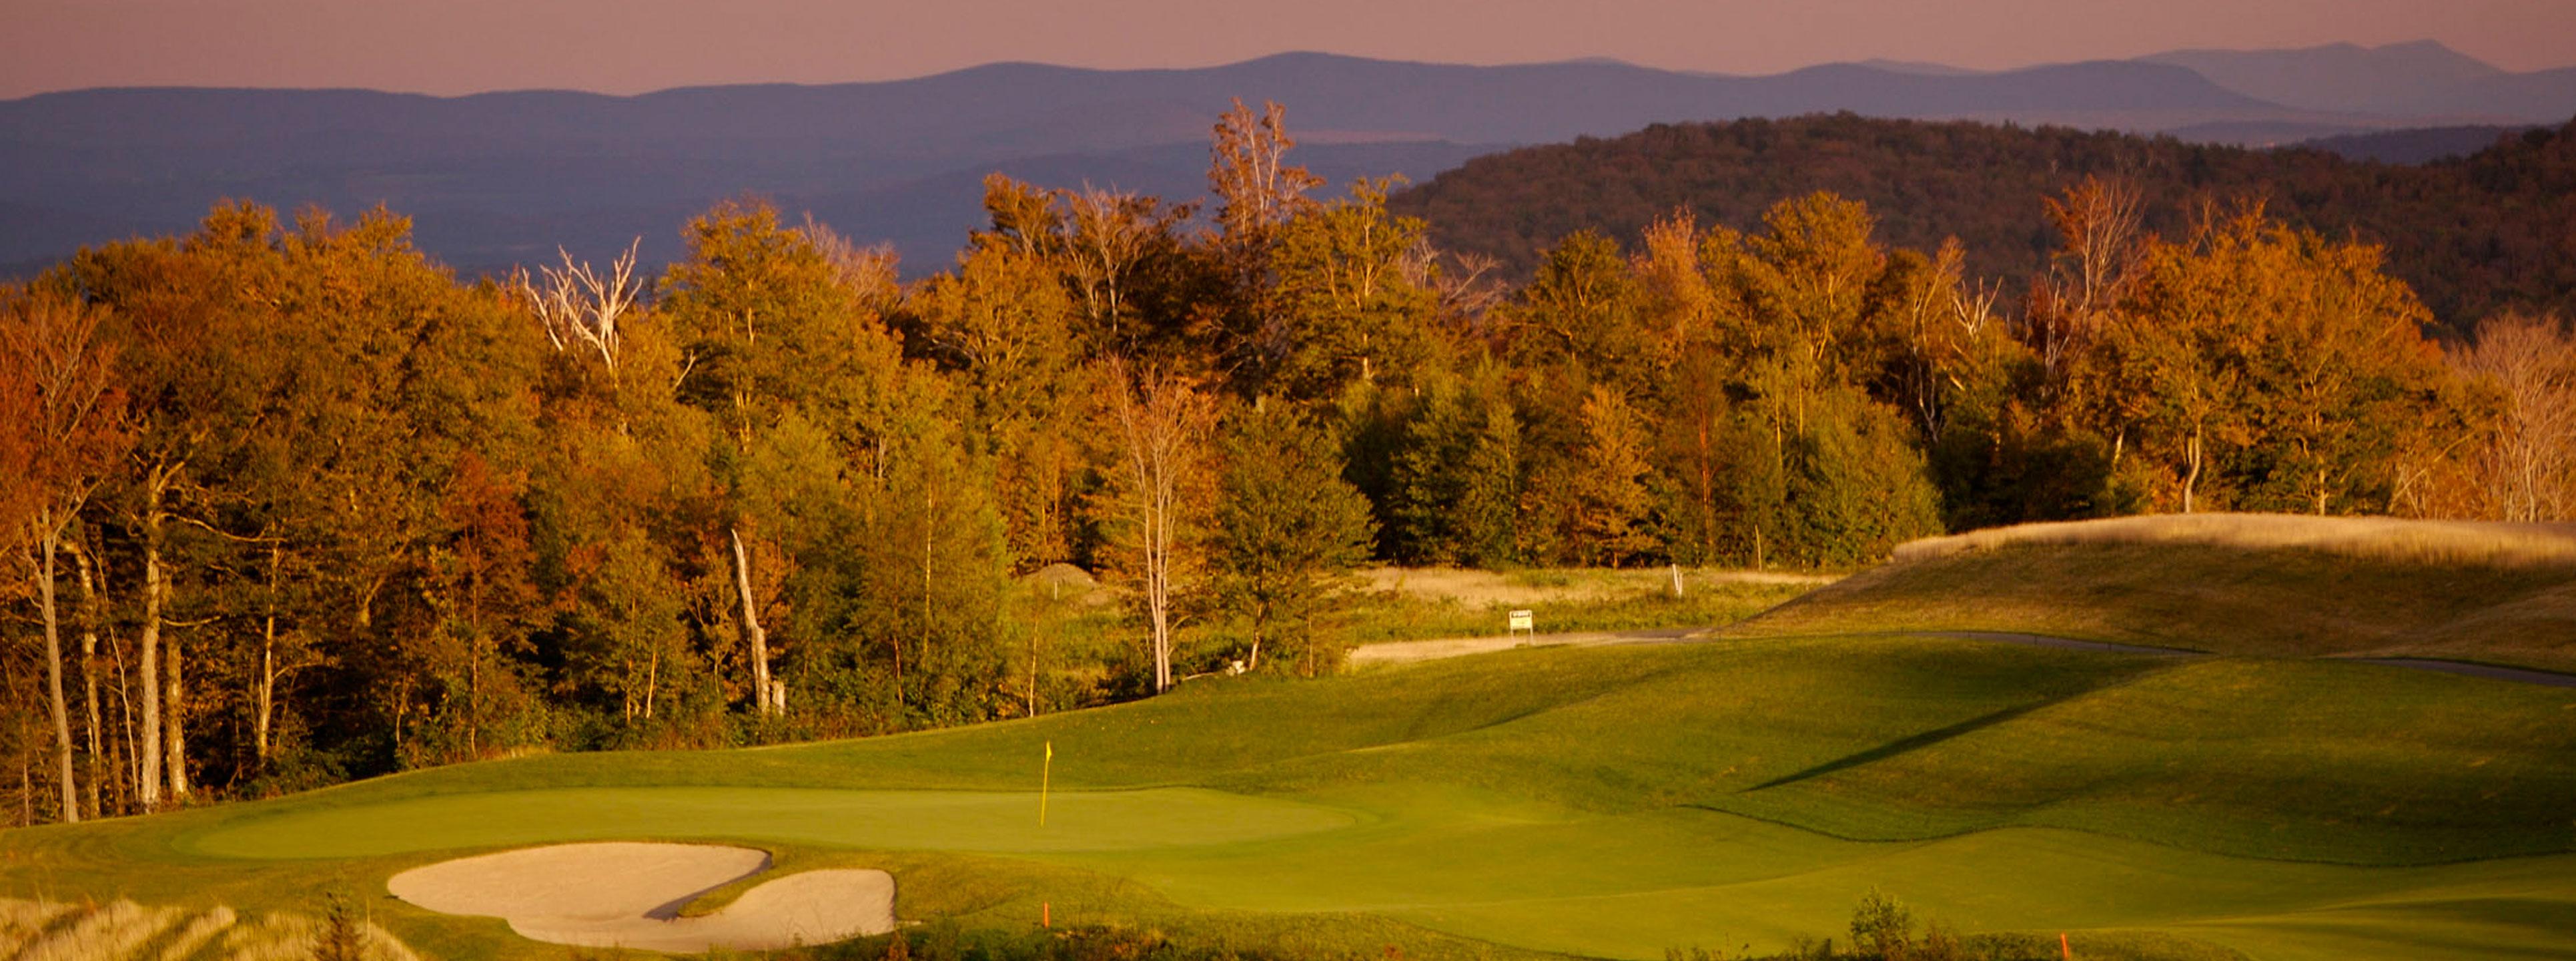 Golf Jay Peak